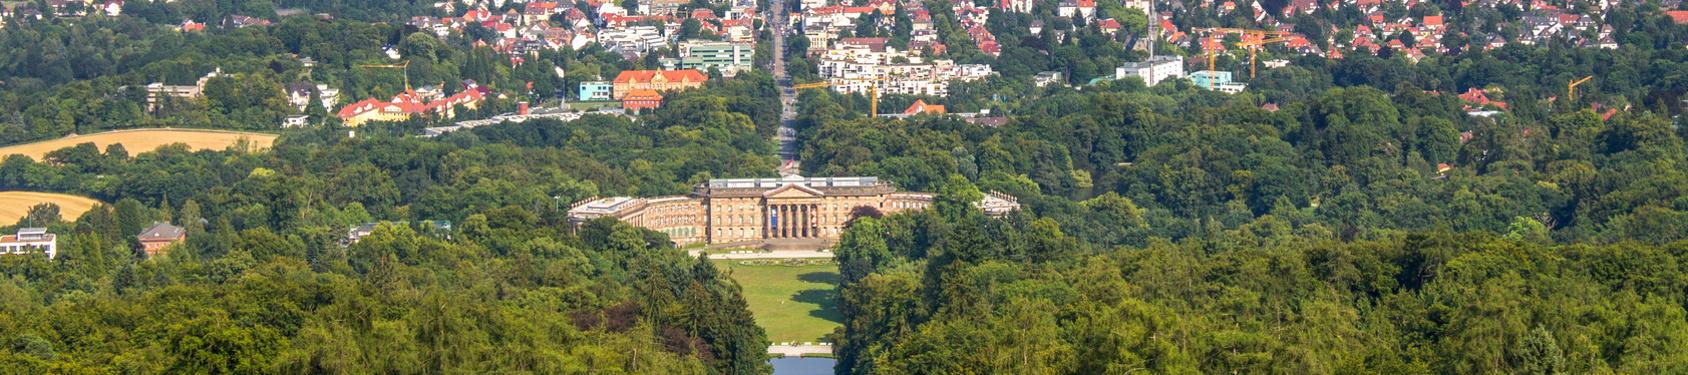 Bild von Kassel